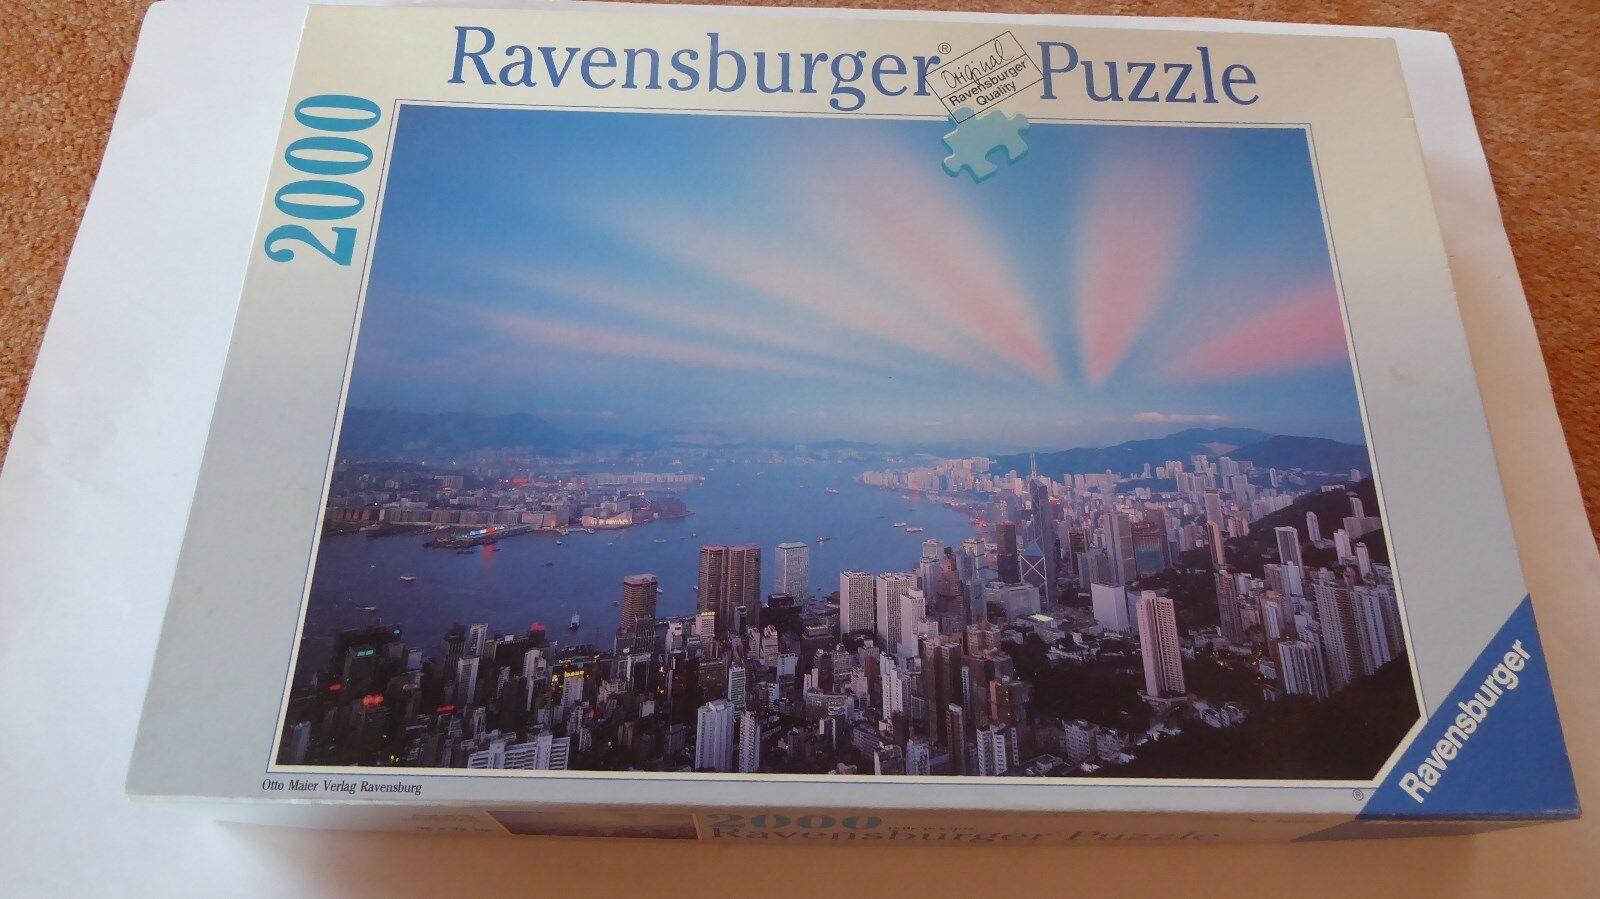 6Puzzle Ravensburger, Ravensburger, 6Puzzle Schmidt, 1000 und 2000 Teile( auch einzeln) dbe24c